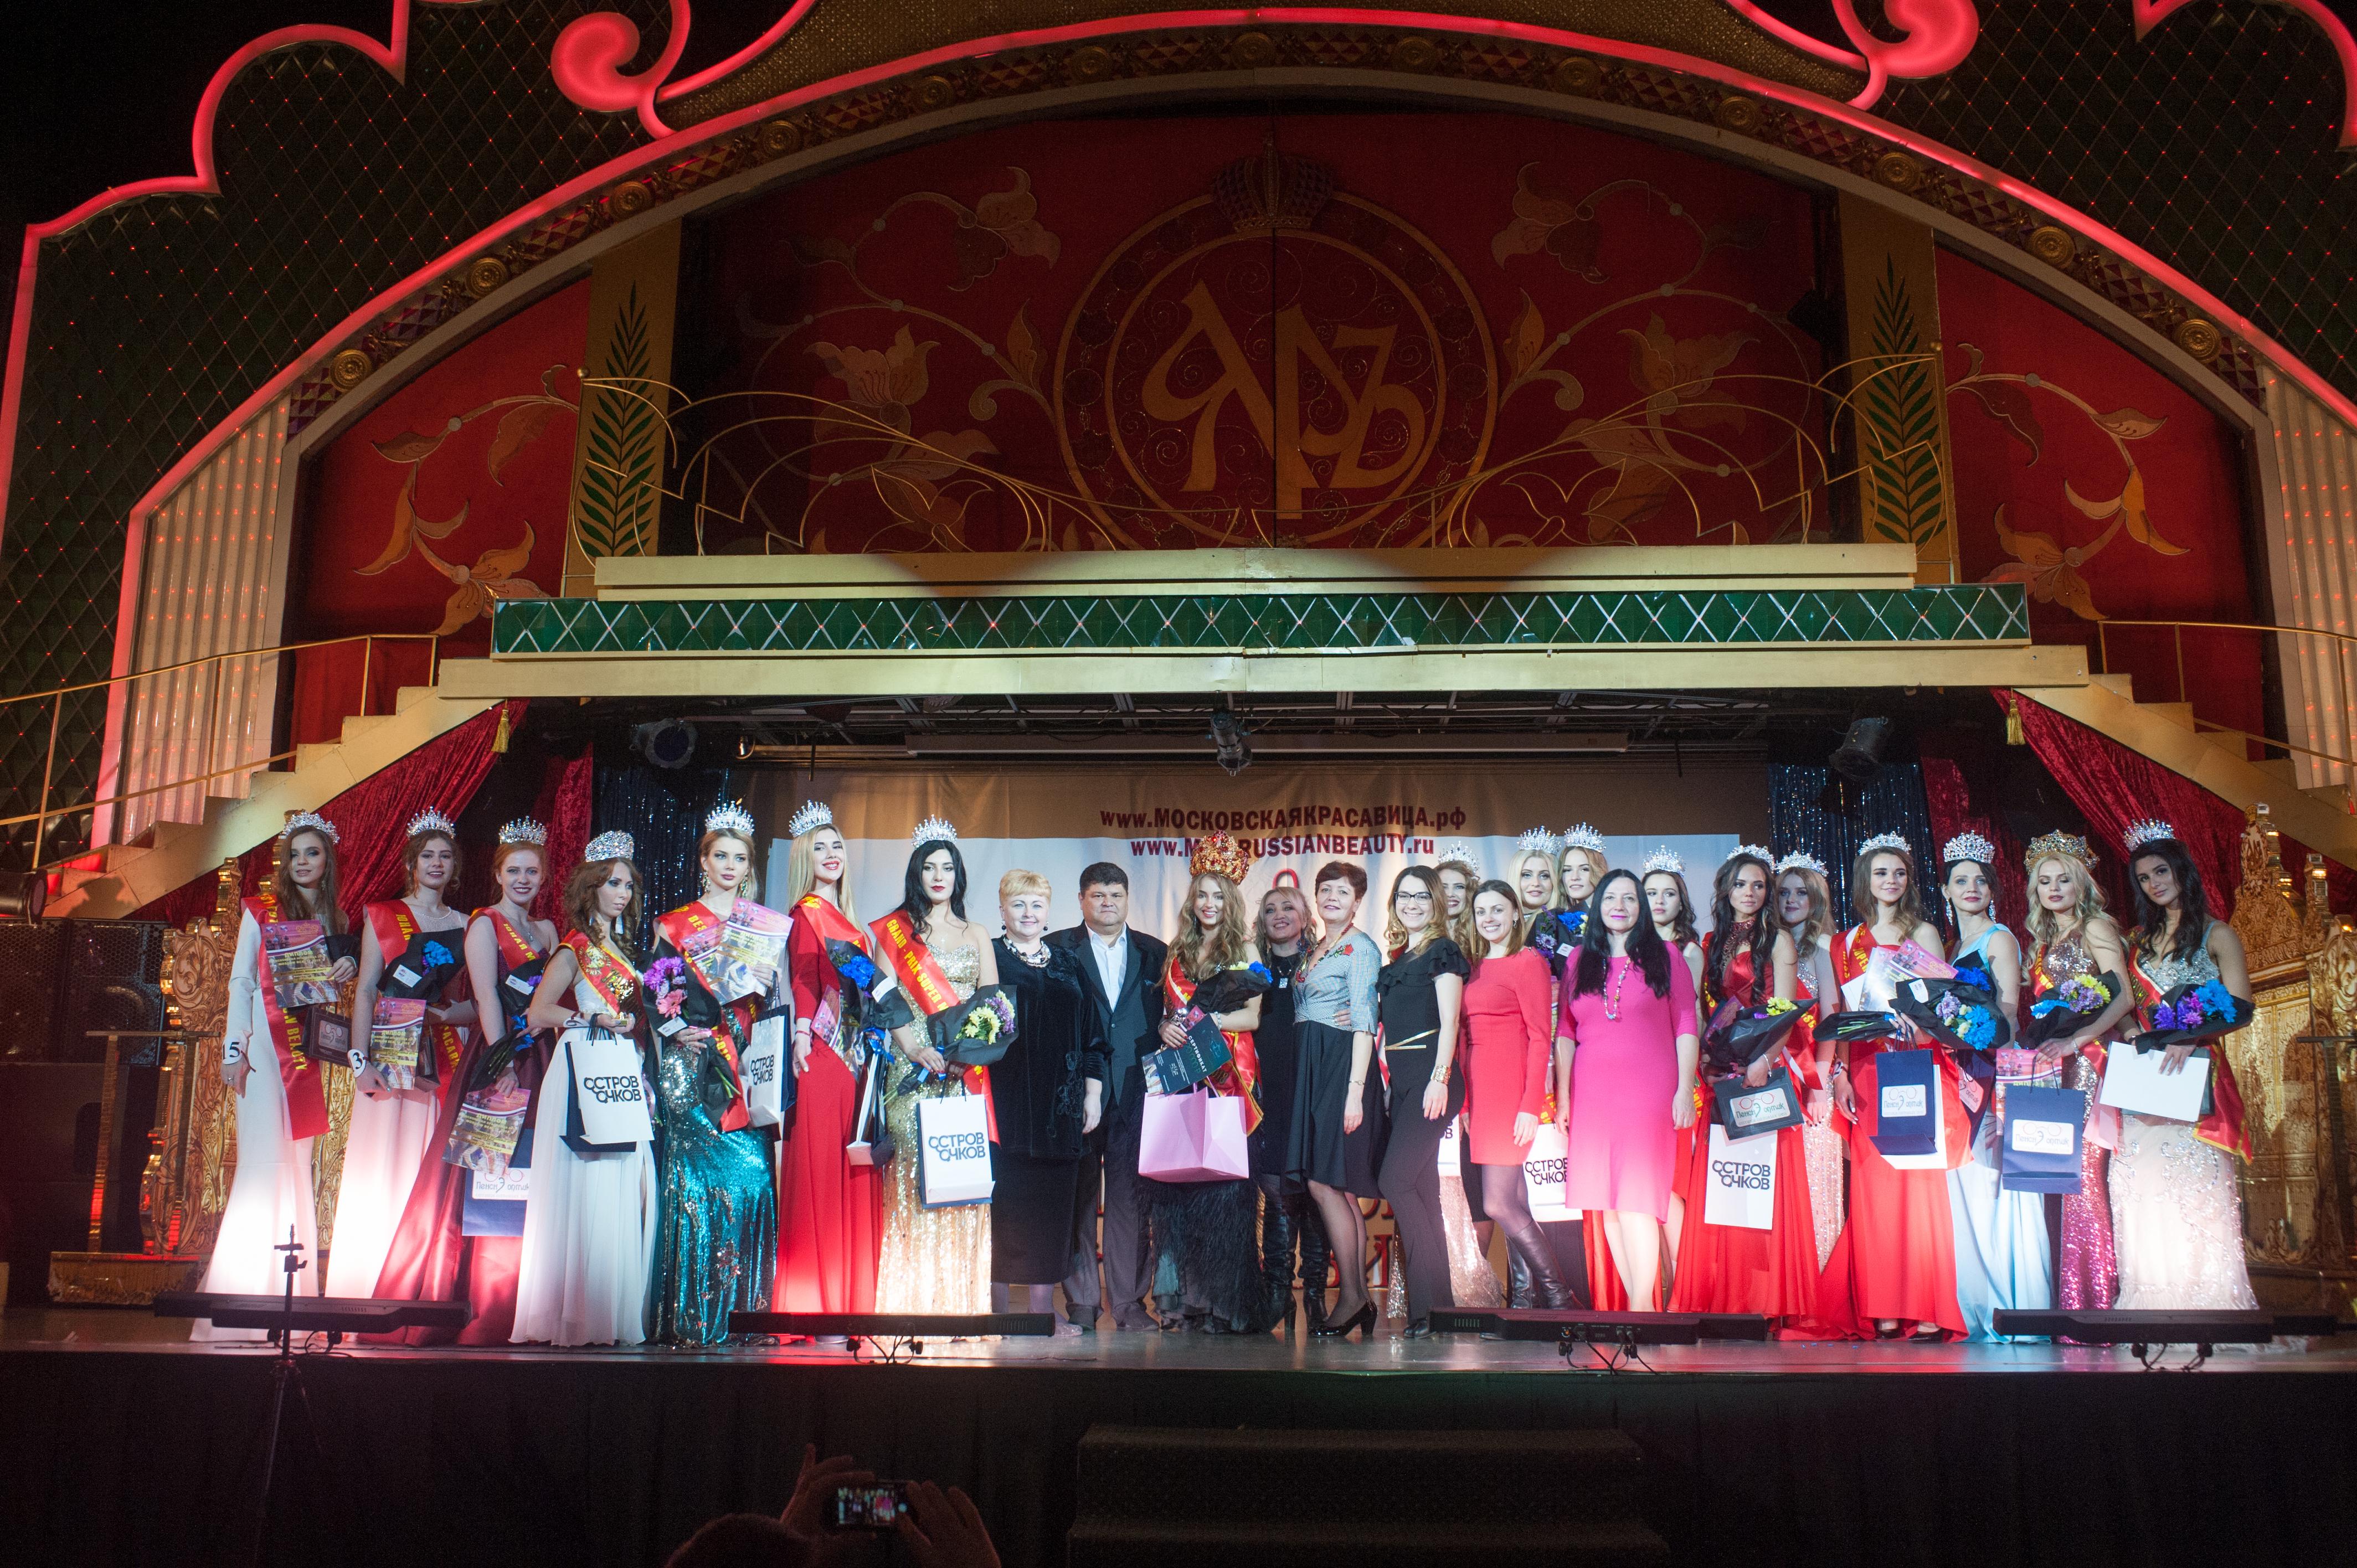 Конкурс красоты и таланта «Московская Красавица 2018» прошел 7 марта